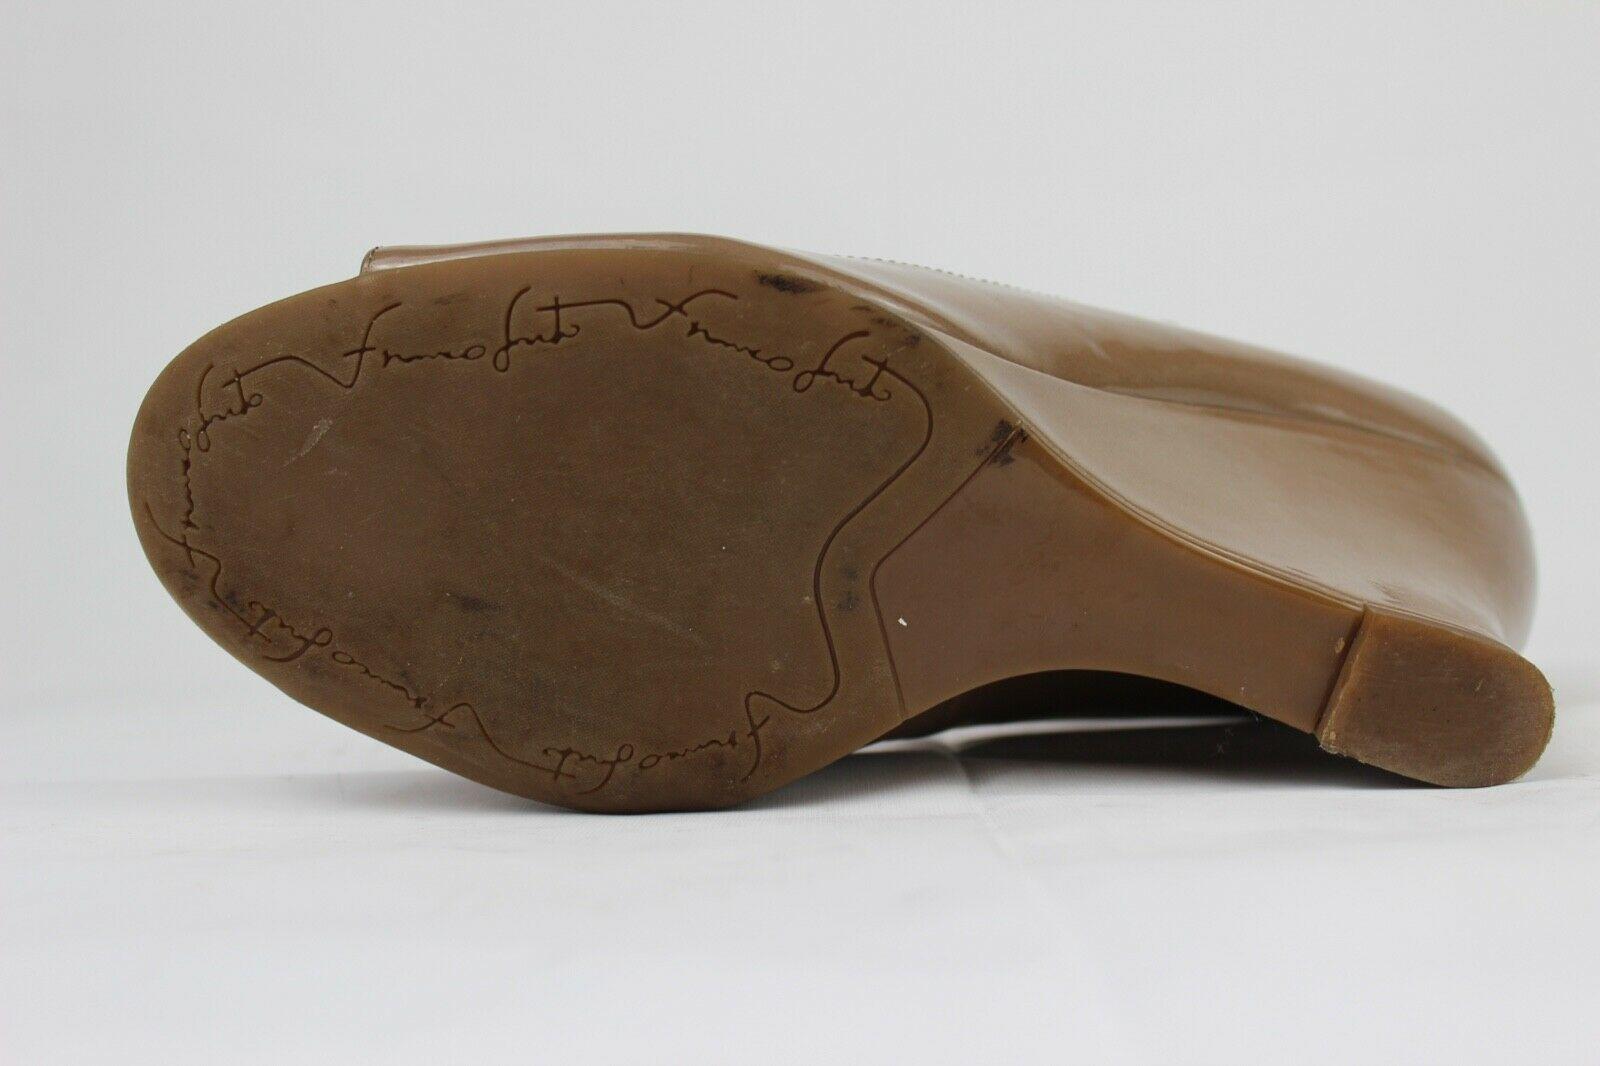 Franco Sarto Sadie Damen Mary Jane Schuhe Vorne Offen Taupe Größe 9M image 9